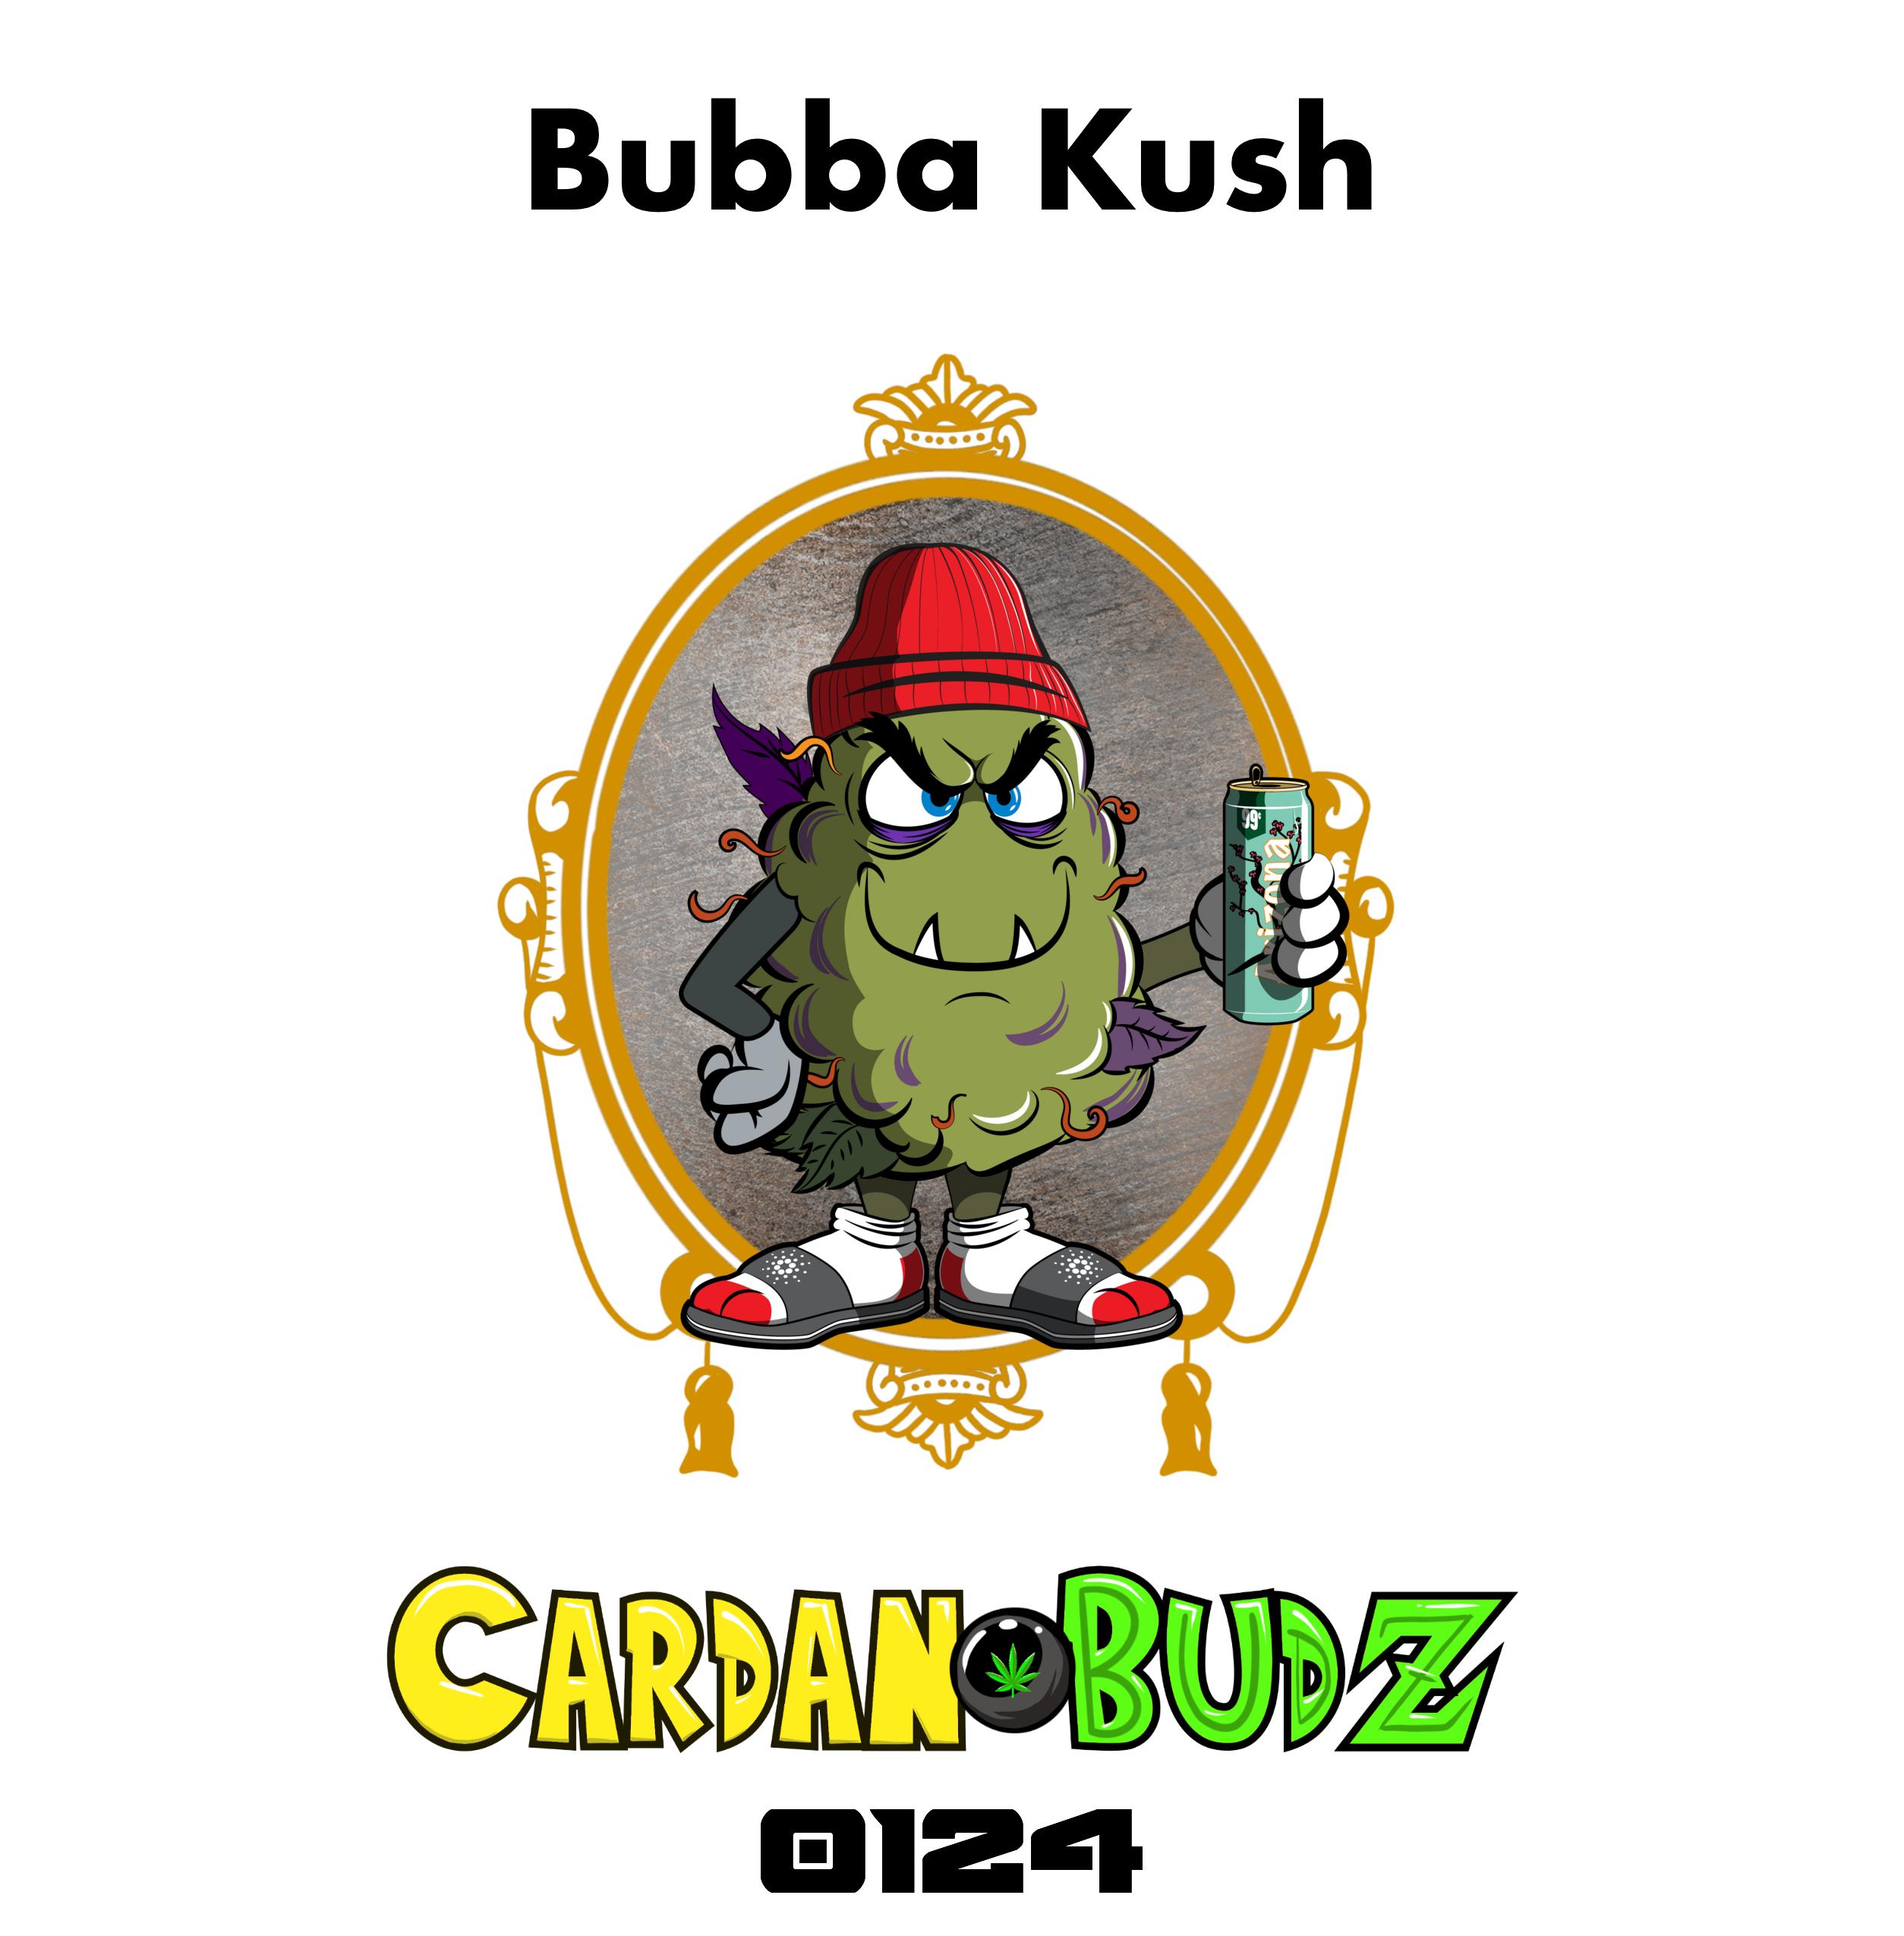 CardanoBud #124